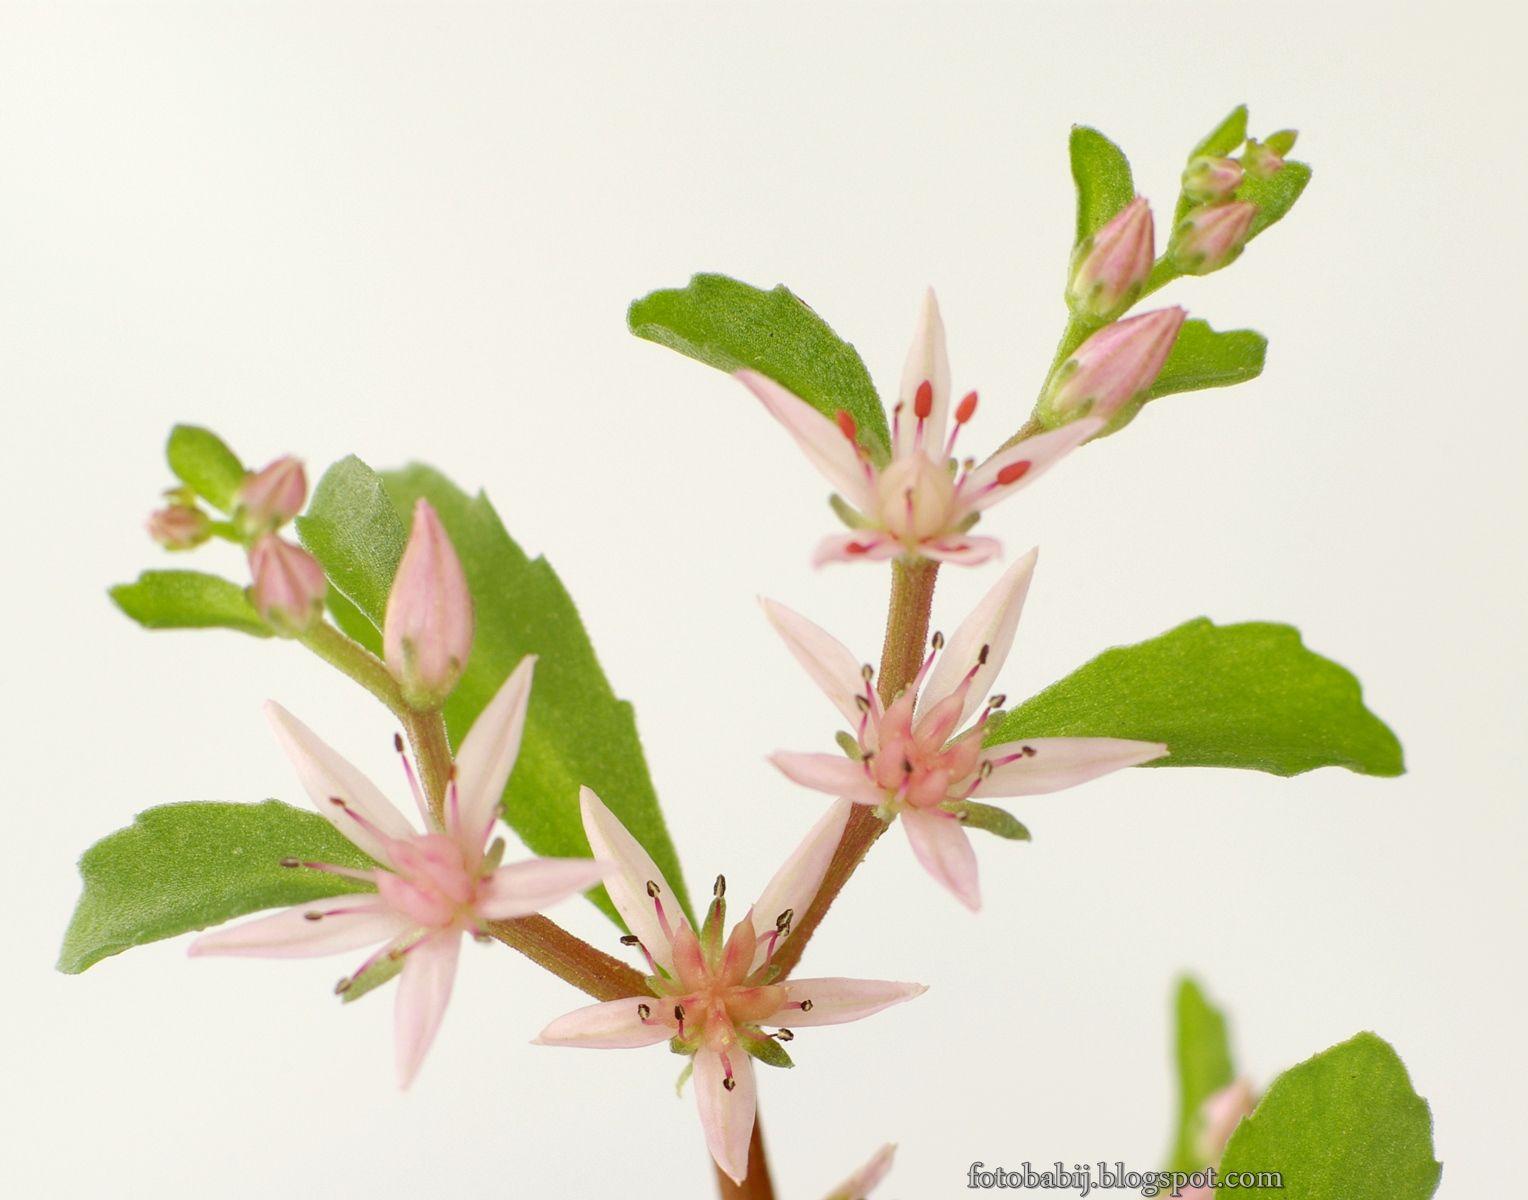 Darmowe zdjęcia 4K, HD, na tapety, Free Photos : Rozchodnik kwiecisty kwiaty Sedum floriferum flowe...